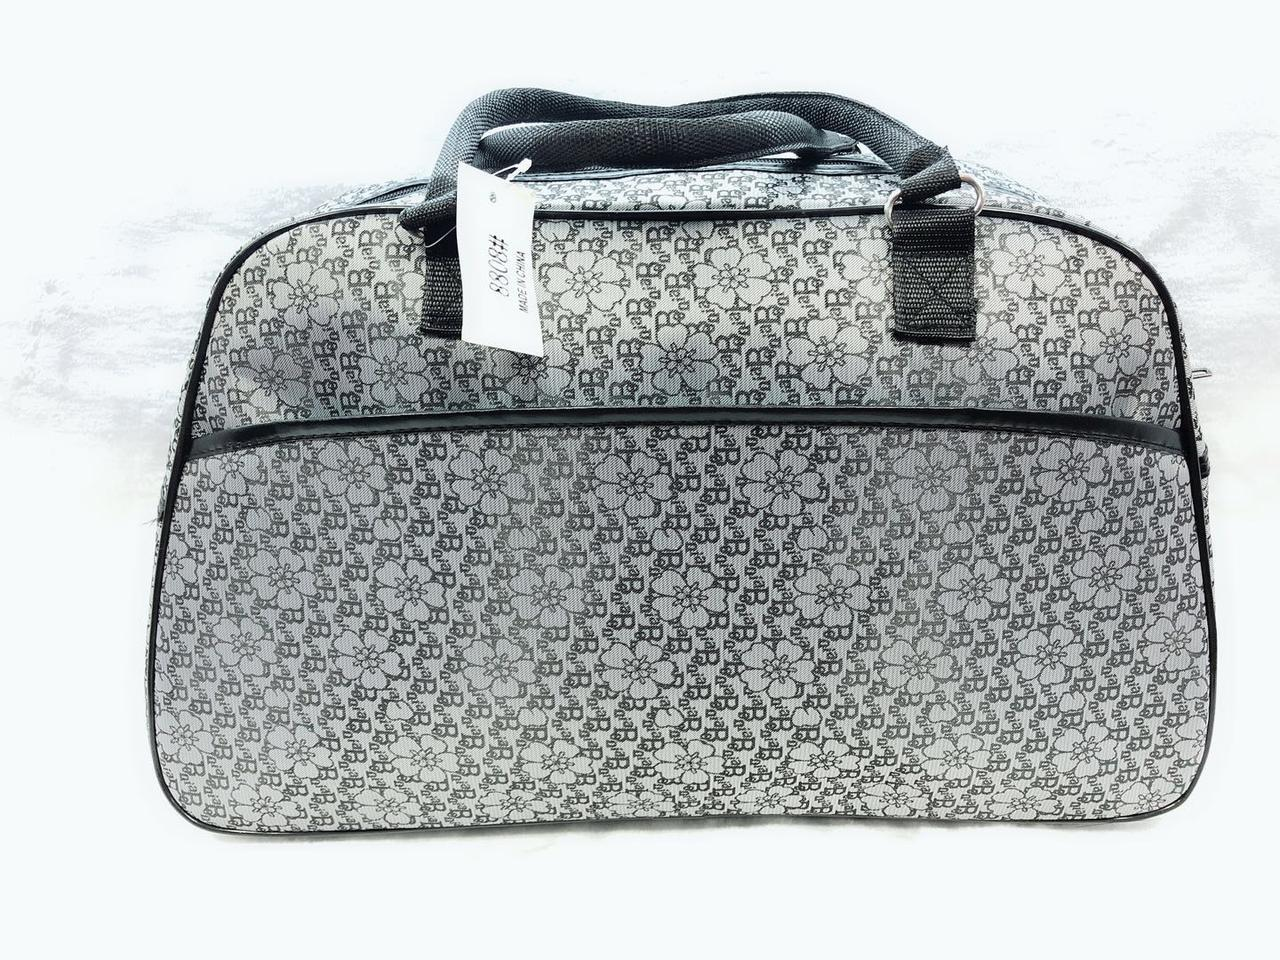 9d6b2fd87f4d Дорожная сумка женская текстильная Серая, цена 270 грн., купить в Одессе —  Prom.ua (ID#821867554)